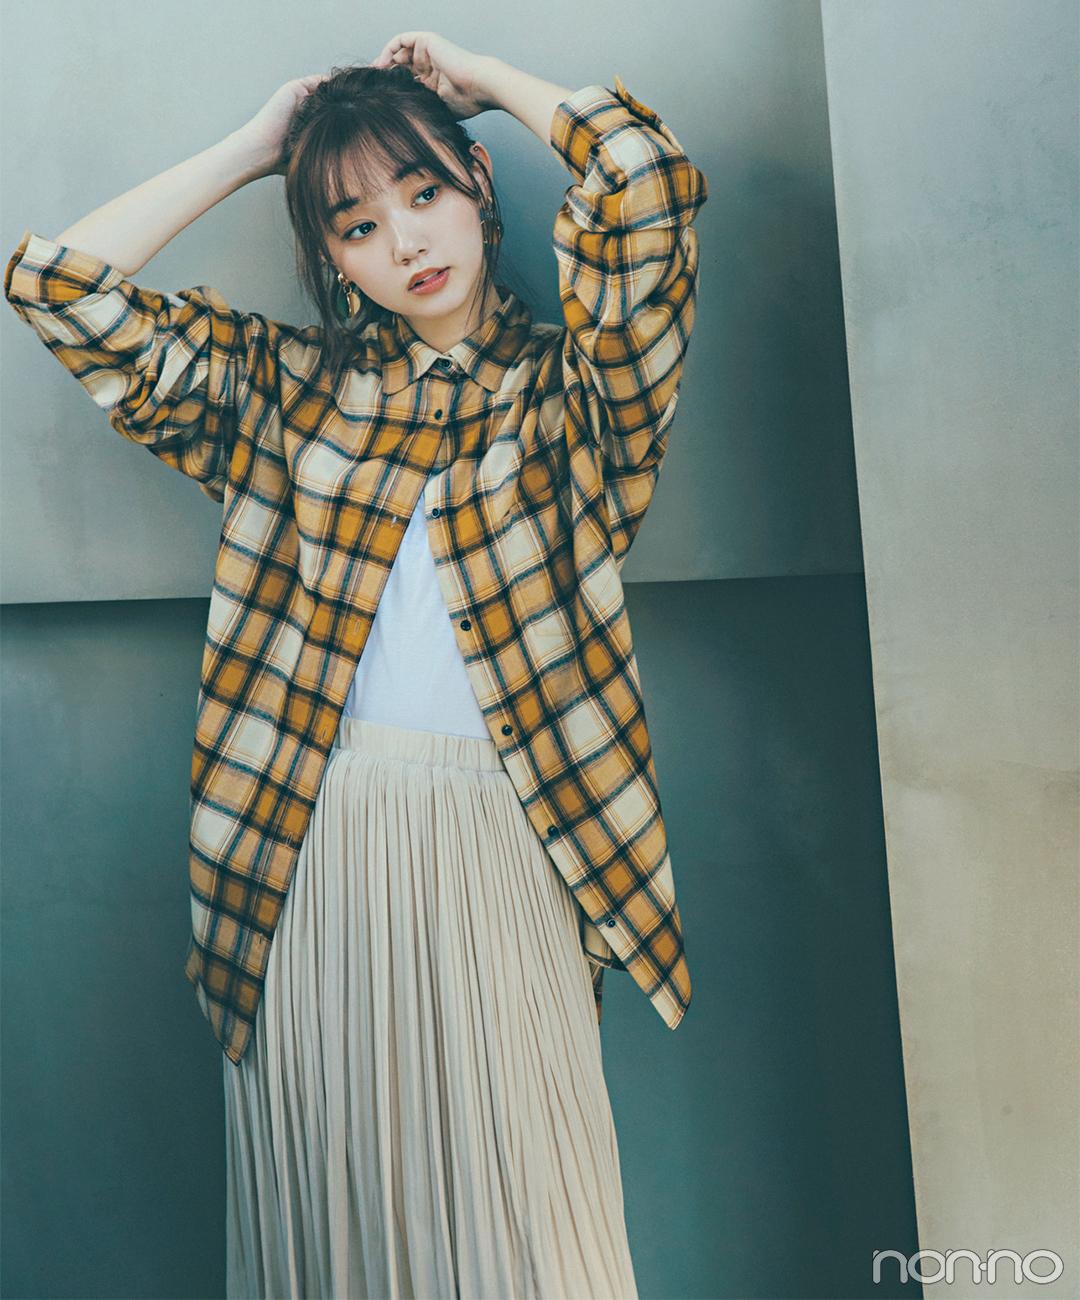 秋色チェックシャツはプリーツスカートと合わせて甘めミックス【毎日コーデ】